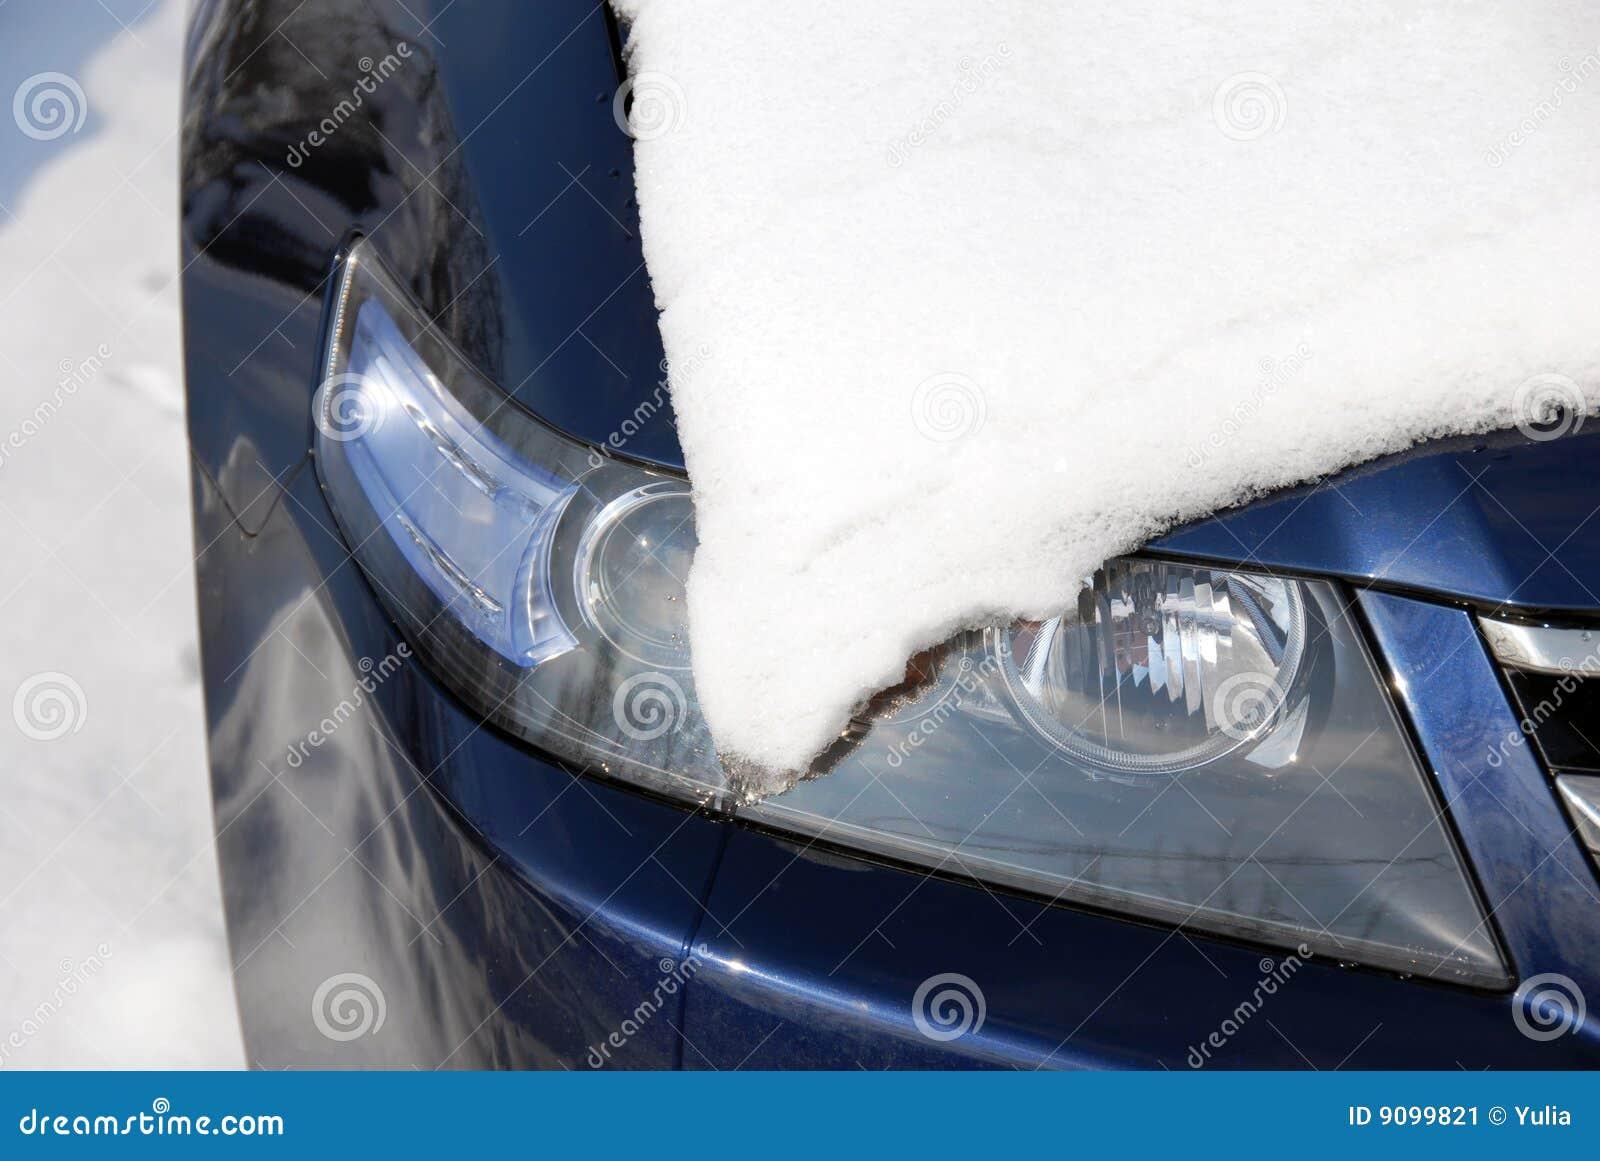 Schnee, der einen Scheinwerfer abdeckt